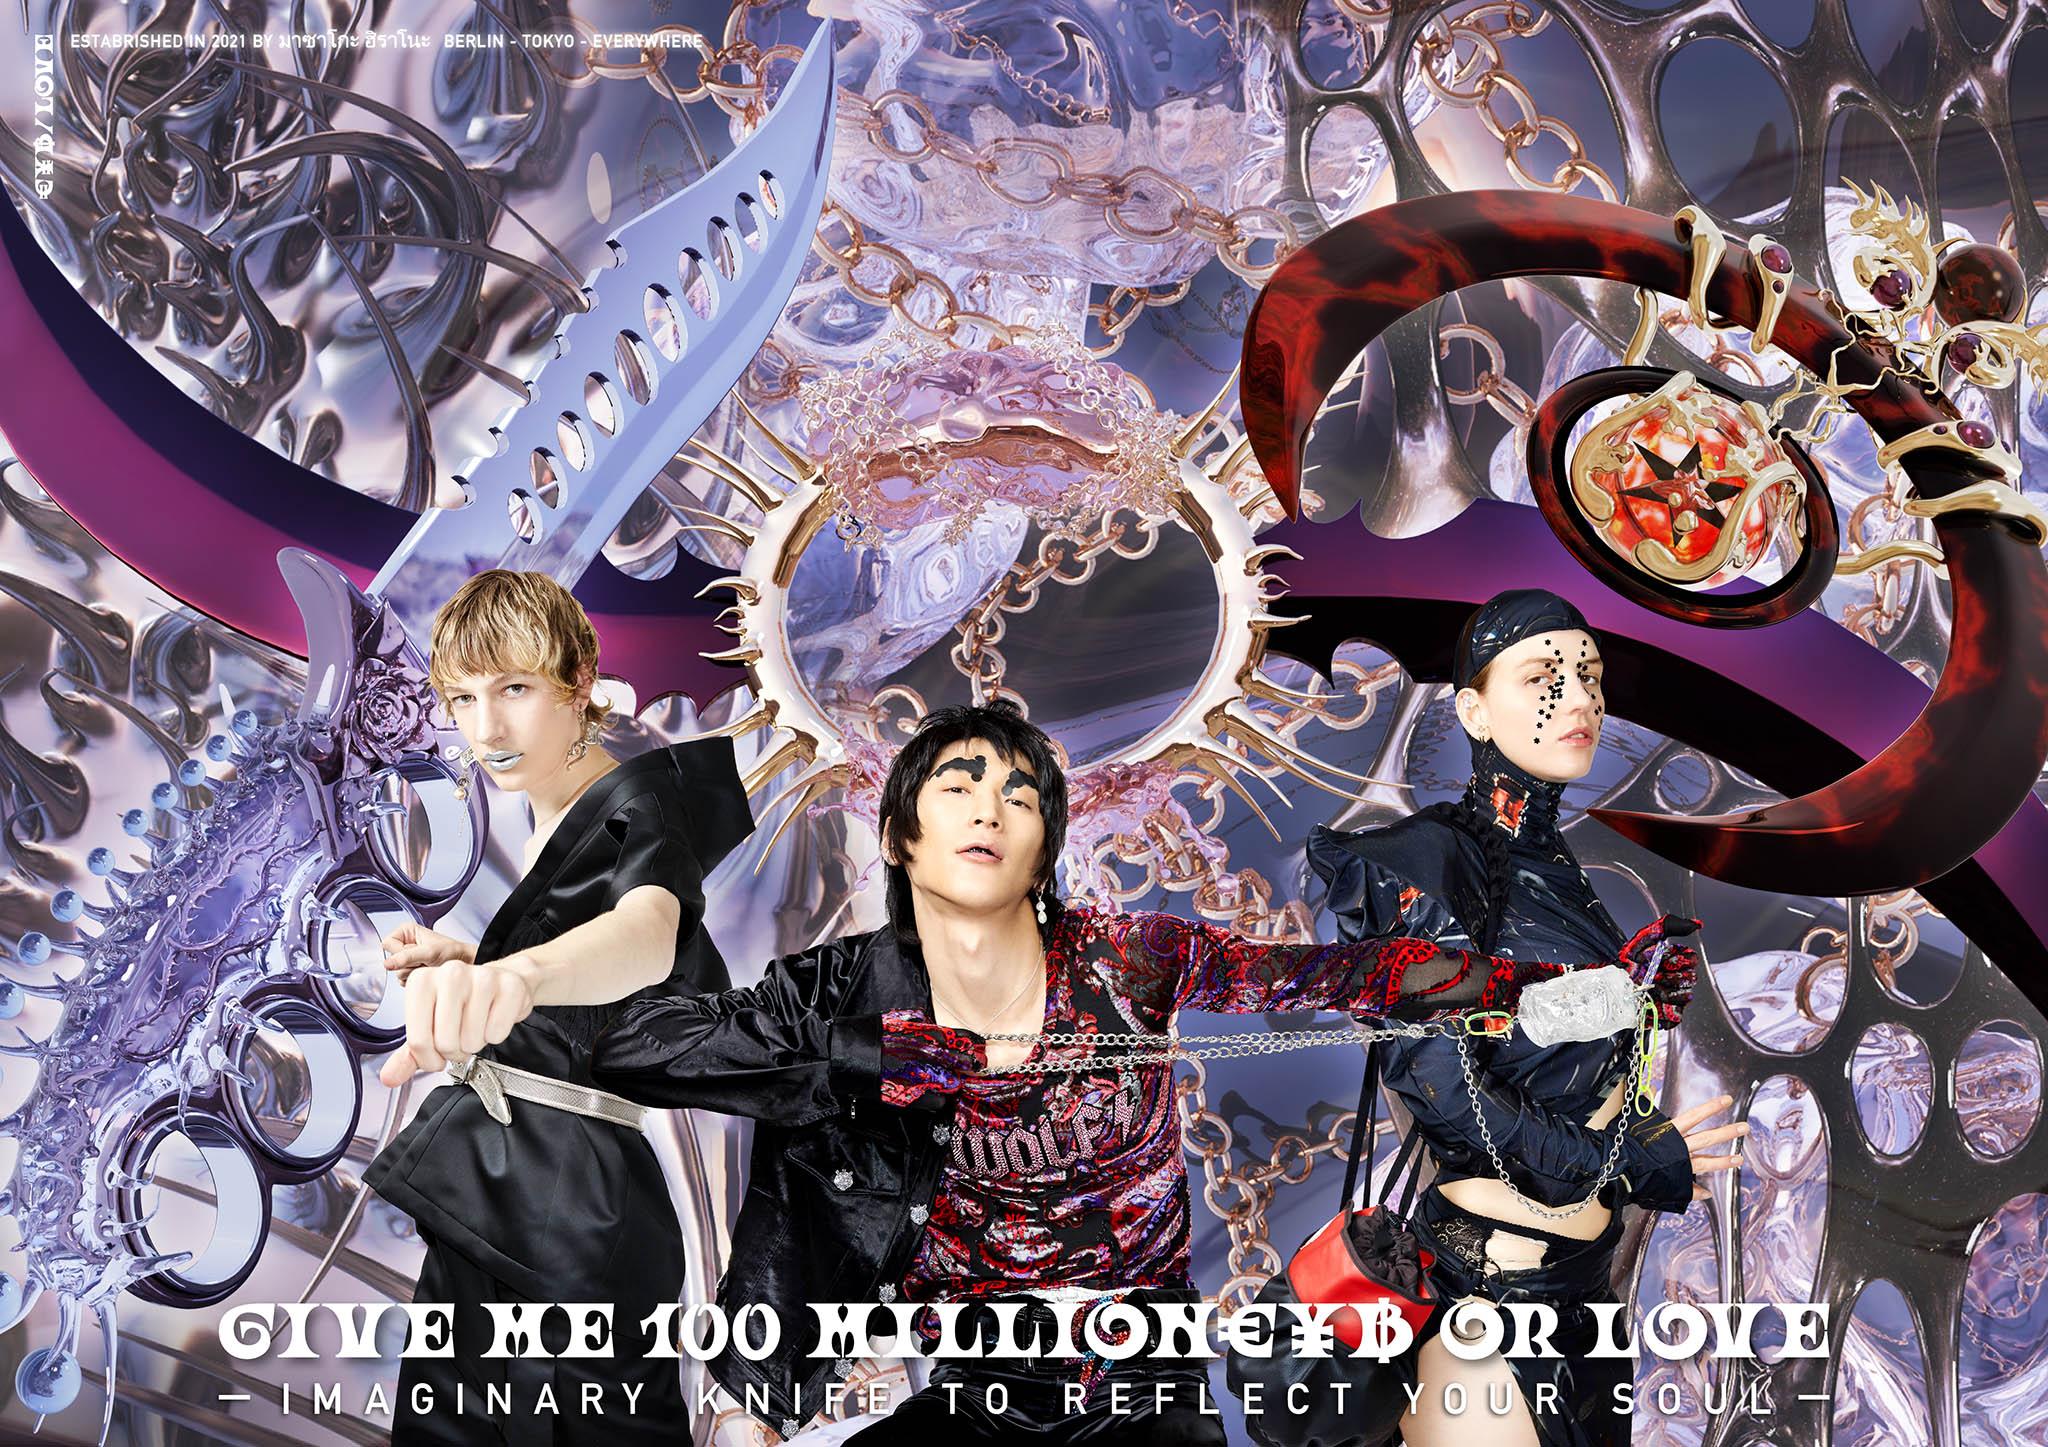 veronika dorosheva GIVE ME 100 MILLION €¥฿ OR LOVE x SICKY MAG